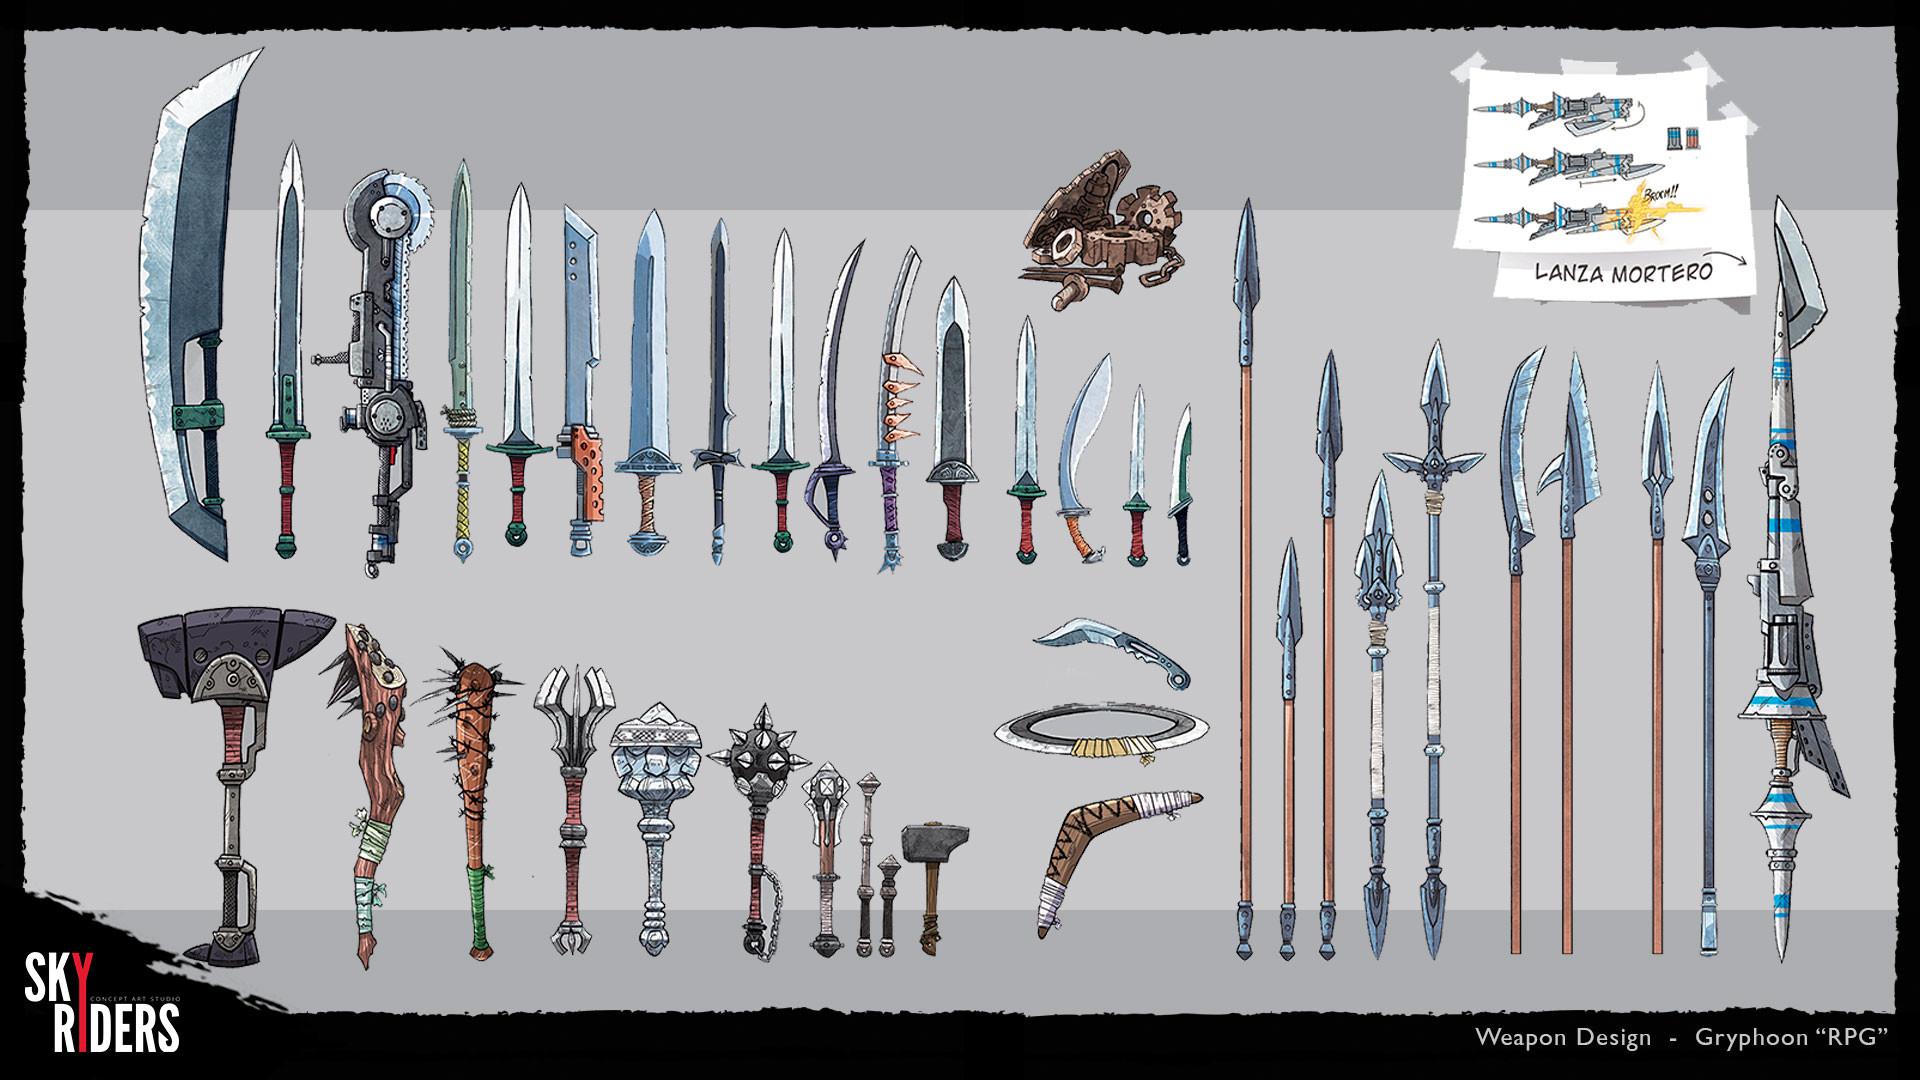 Sky riders gryphoon weapons